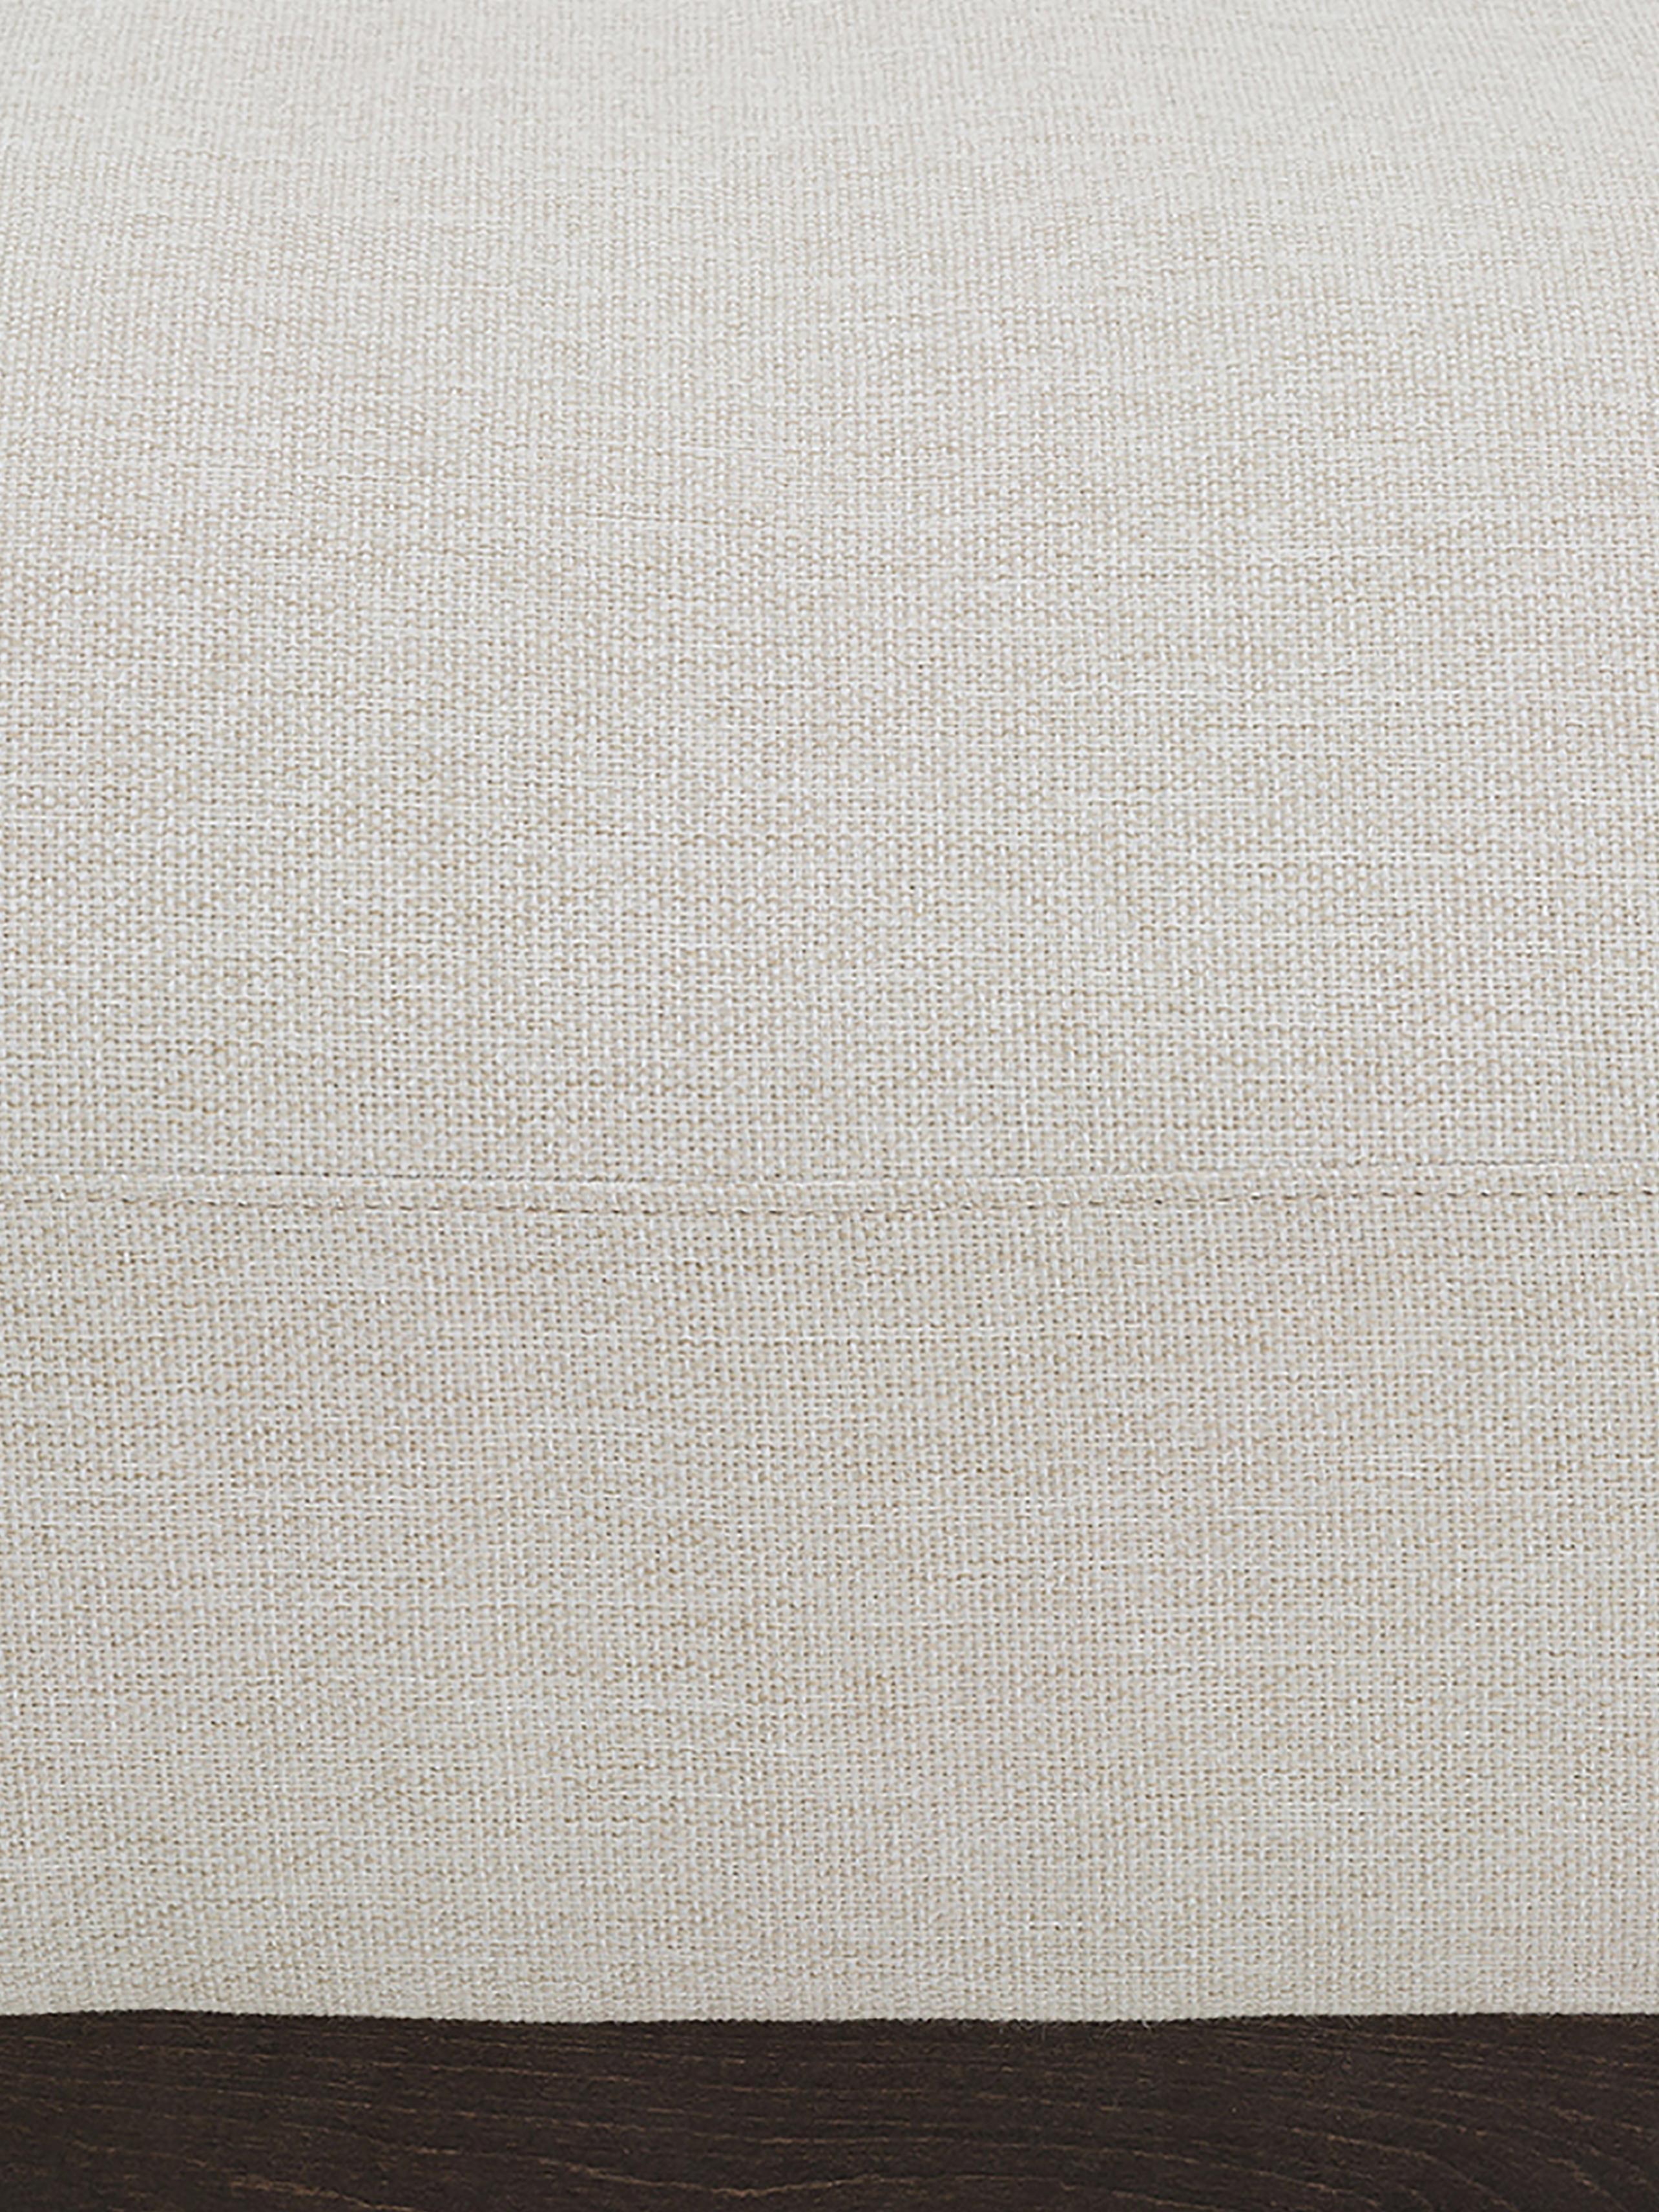 Divano 3 posti in tessuto beige Brooks, Rivestimento: poliestere 35.000 cicli d, Struttura: legno di pino, massiccio, Cornice: legno di pino, laccato, Piedini: metallo, verniciato a pol, Beige, Larg. 230 x Prof. 98 cm